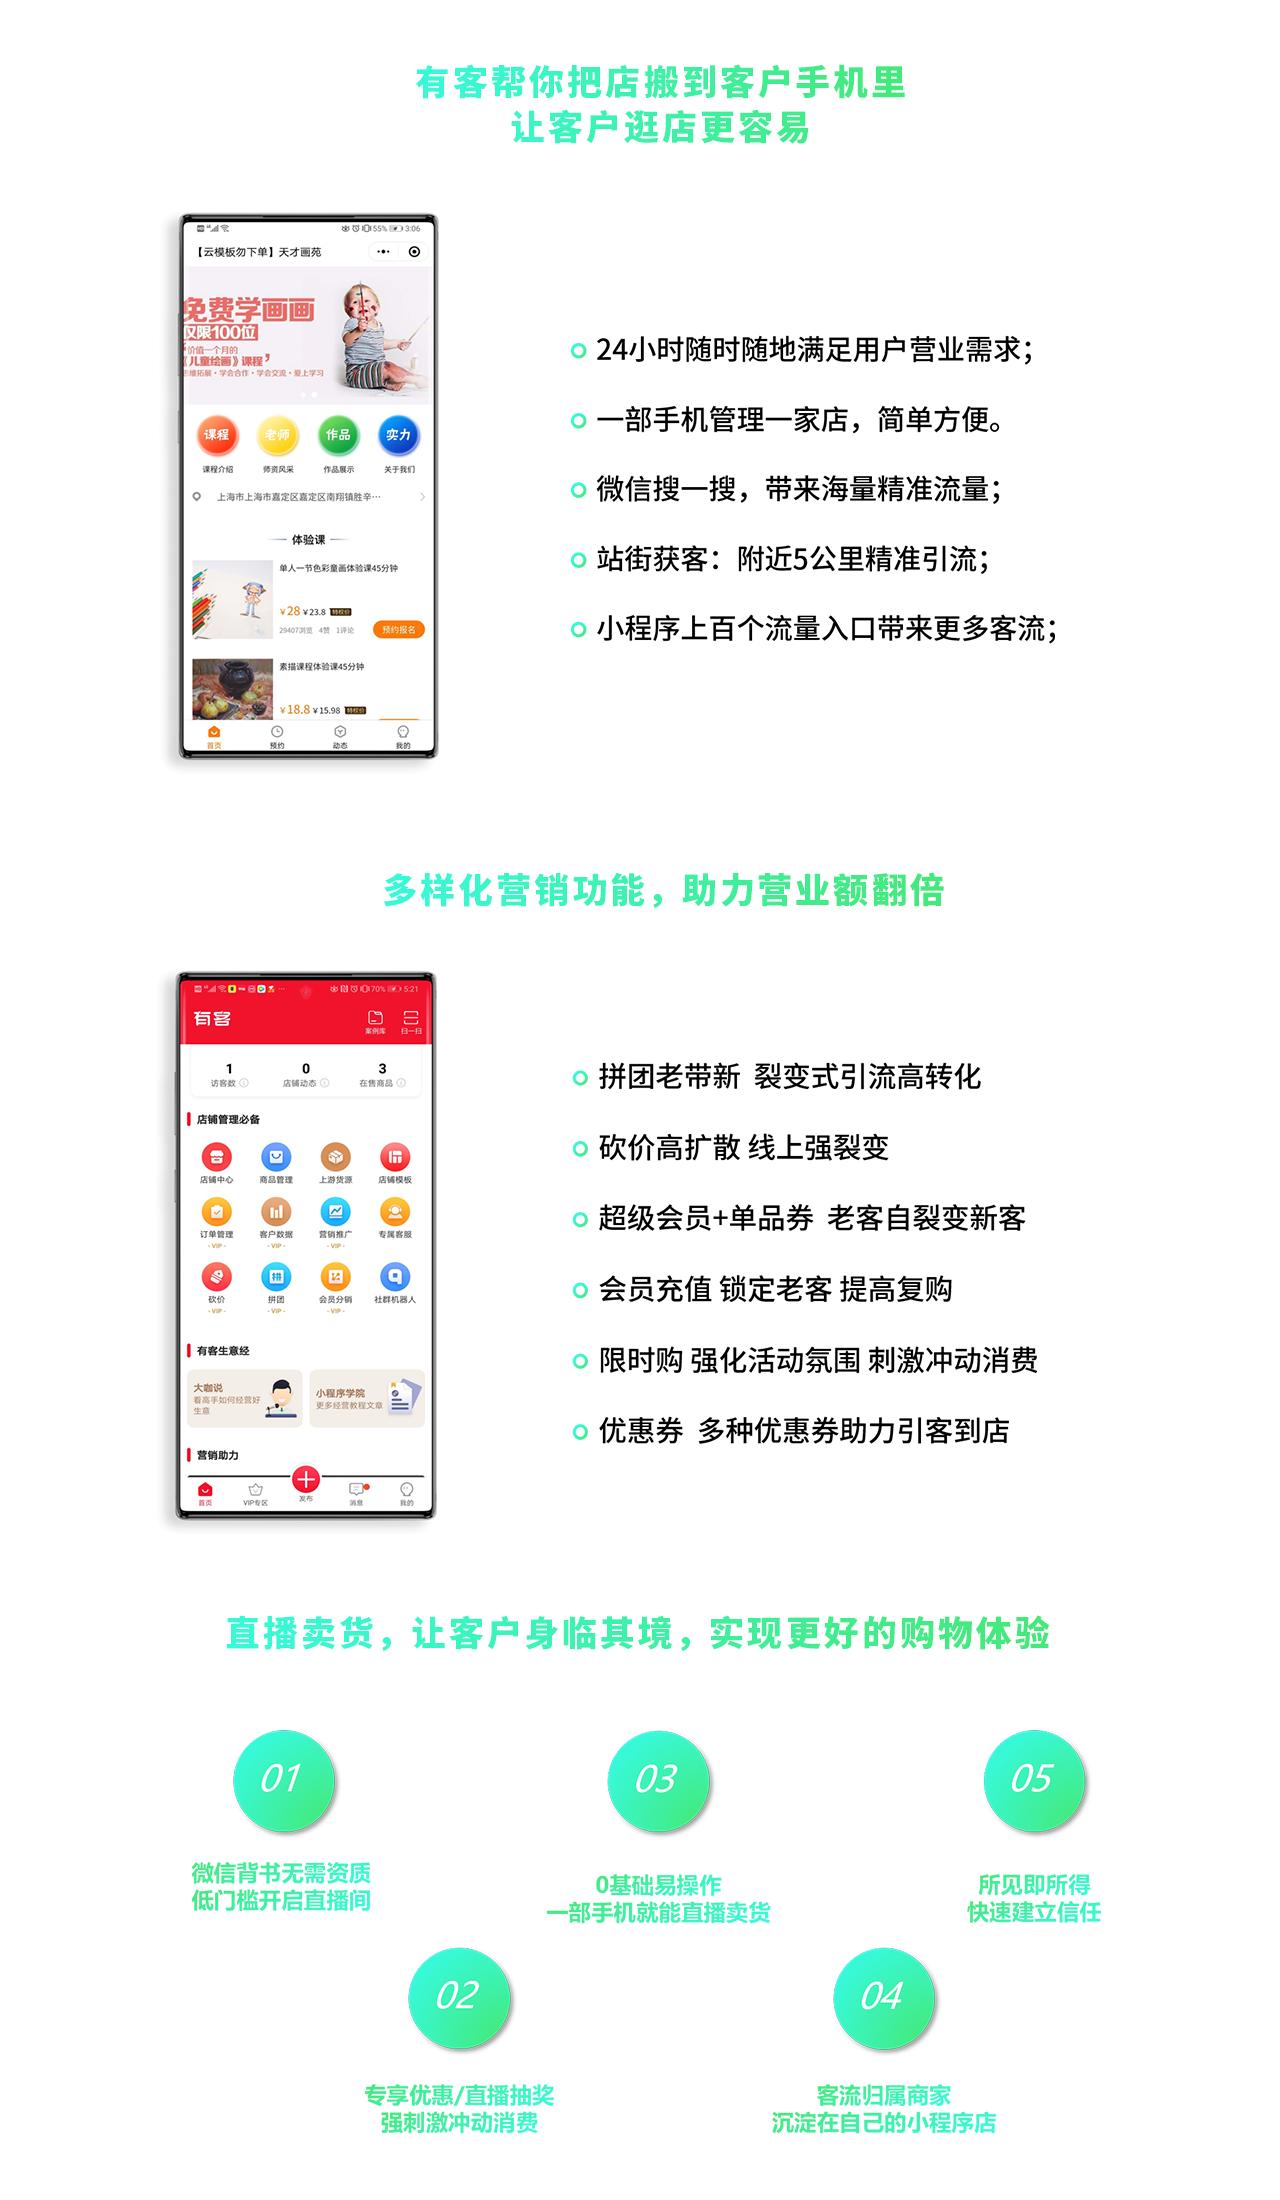 柚安米有客教育培训行业直播小程序模板